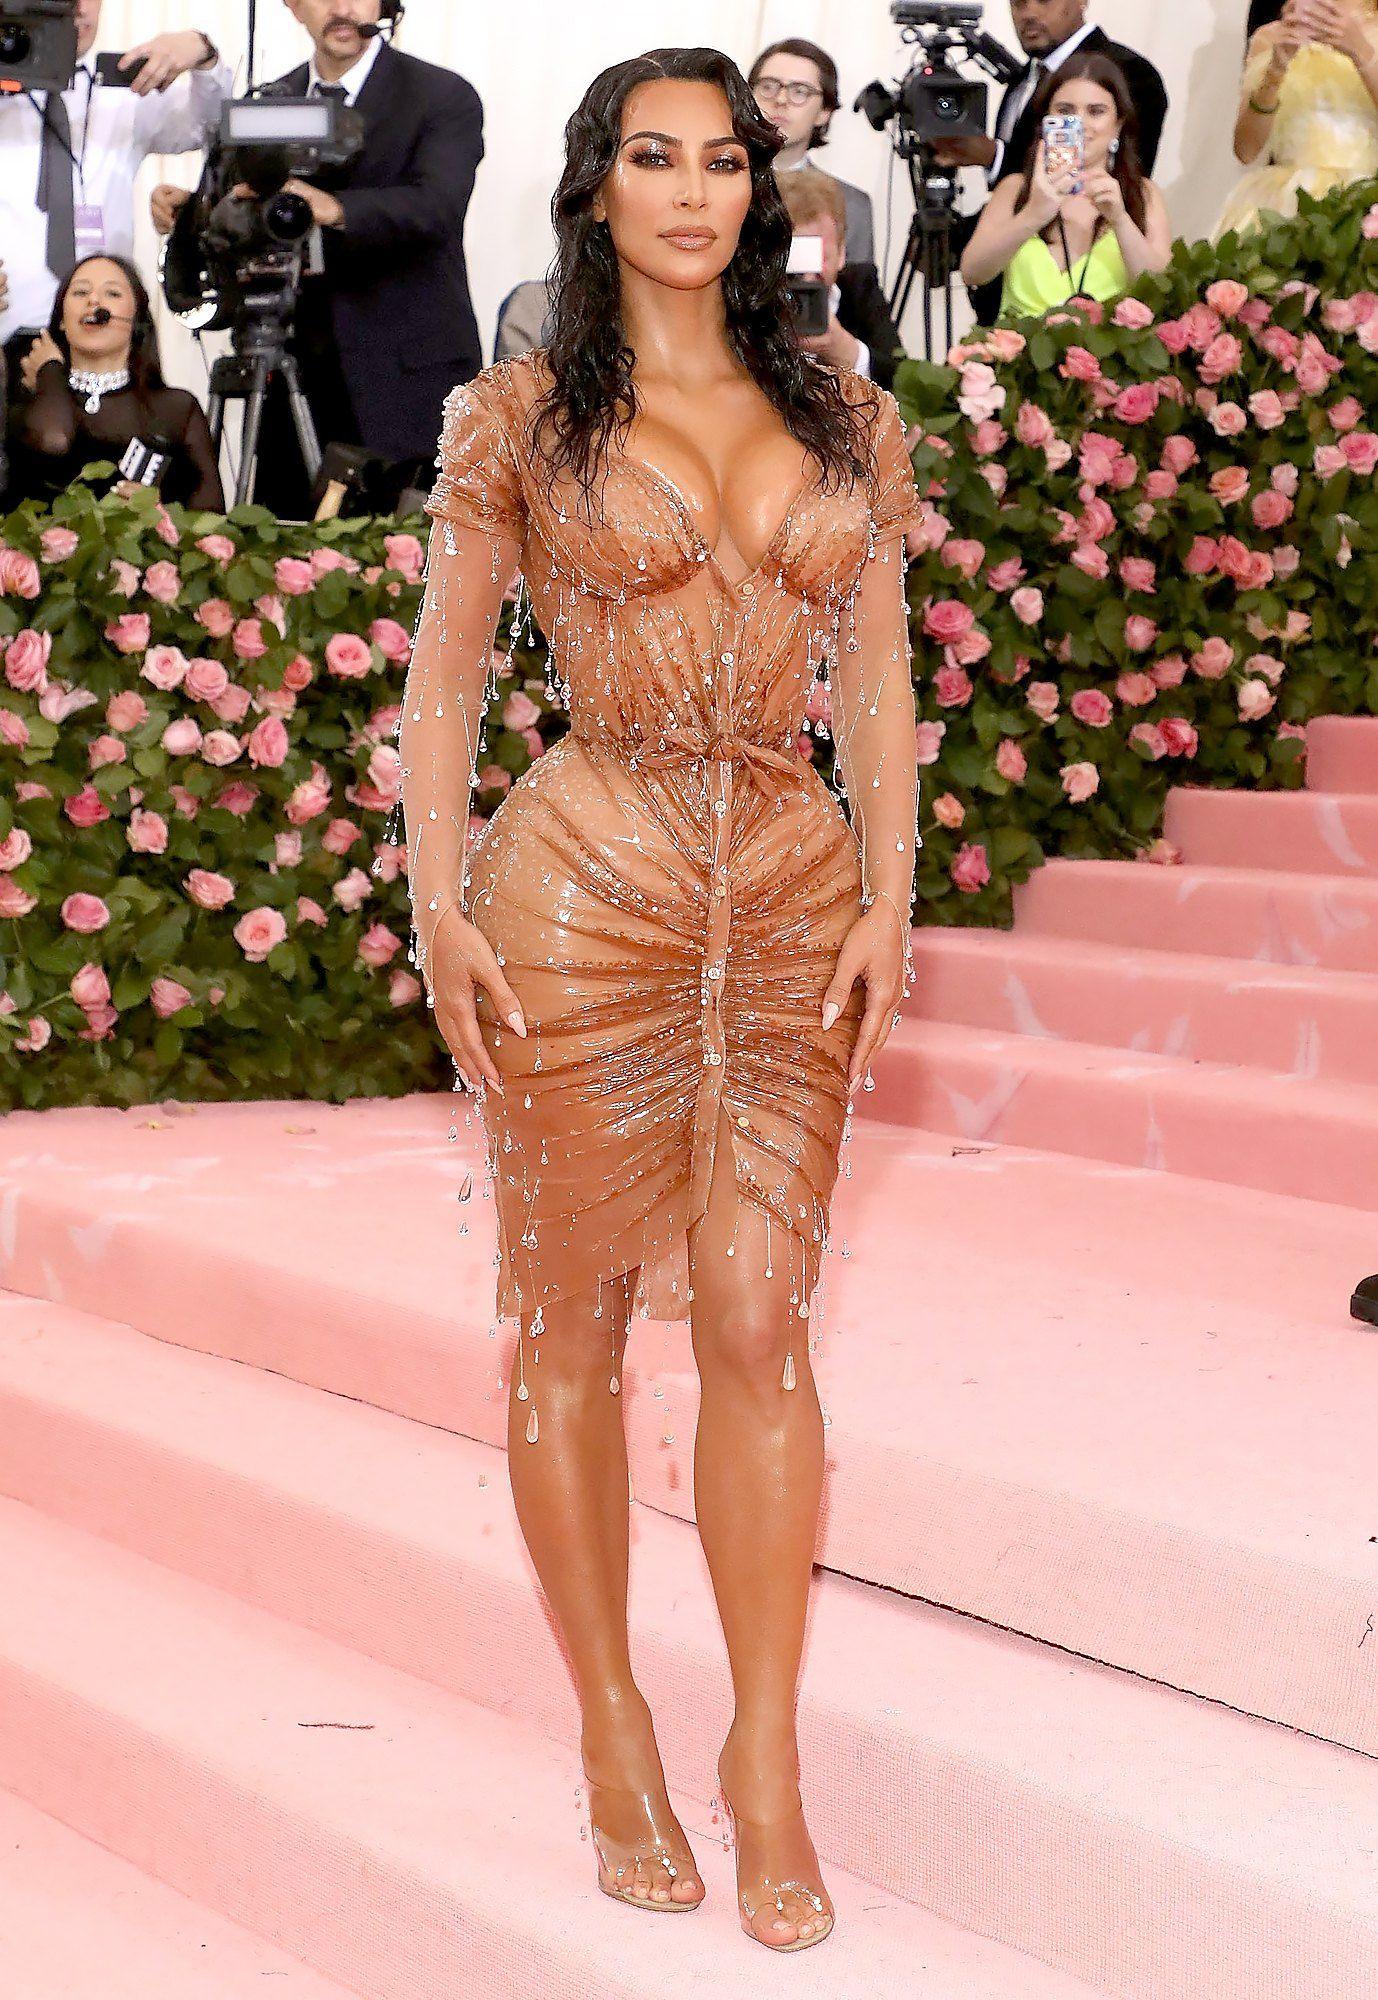 Gaya Seksi Keluarga Kardashian di Met Gala dari Masa ke Masa